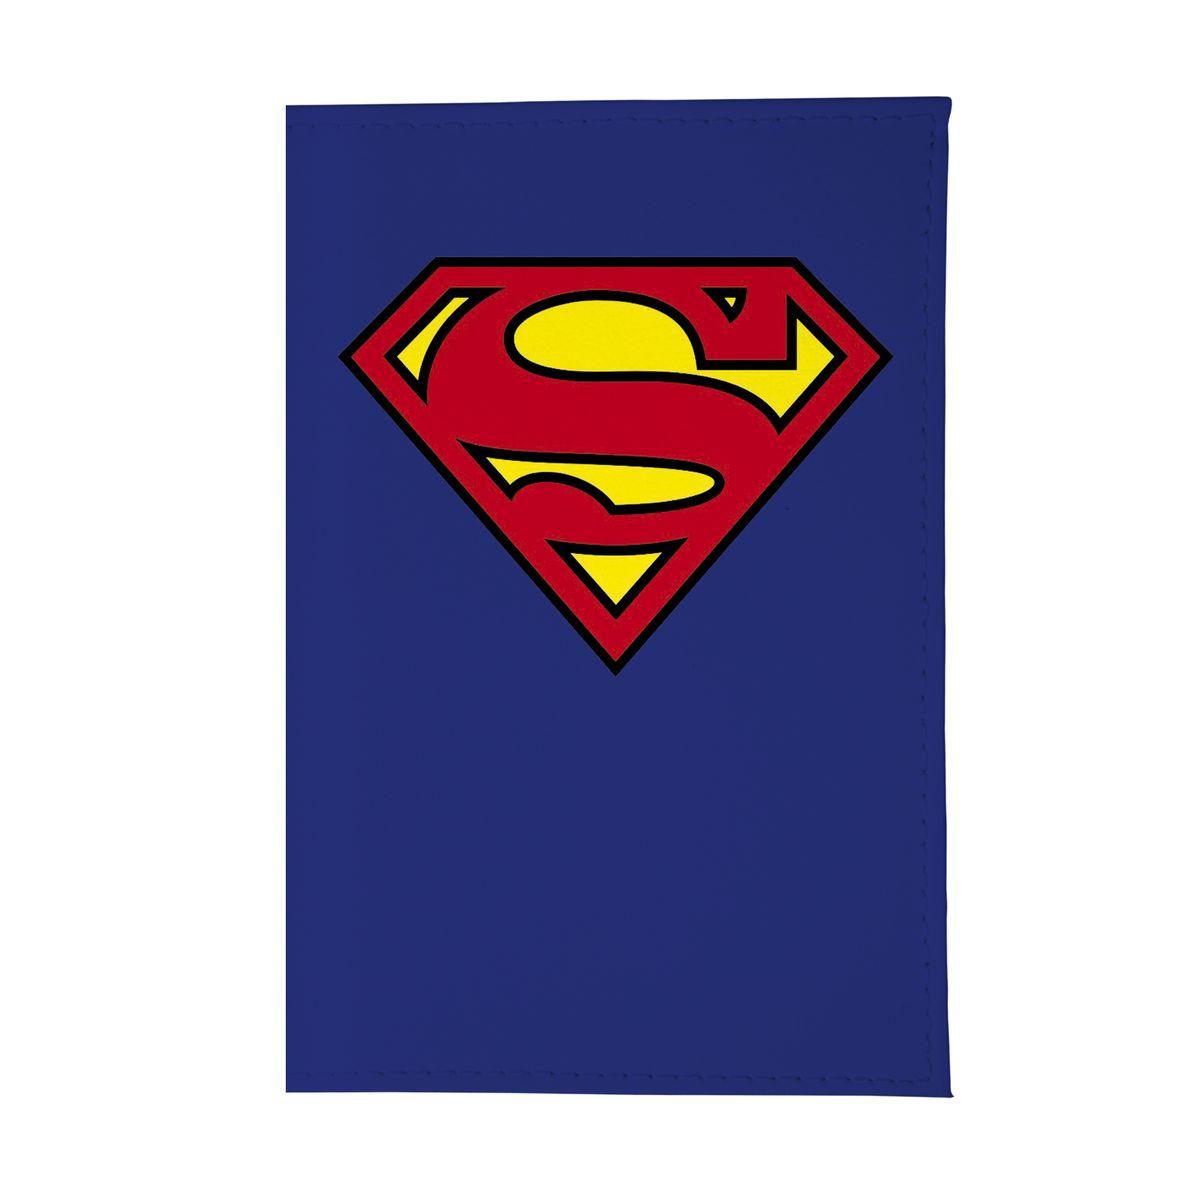 Обложка для автодокументов Супермен. AUTOZAM004AUTOZAM004Стильная обложка для автодокументов Mitya Veselkov не только поможет сохранить внешний вид ваших документов и защитить их от повреждений, но и станет стильным аксессуаром, идеально подходящим вашему образу.Она выполнена из ПВХ, внутри имеет съемный вкладыш, состоящий из шести файлов для документов.